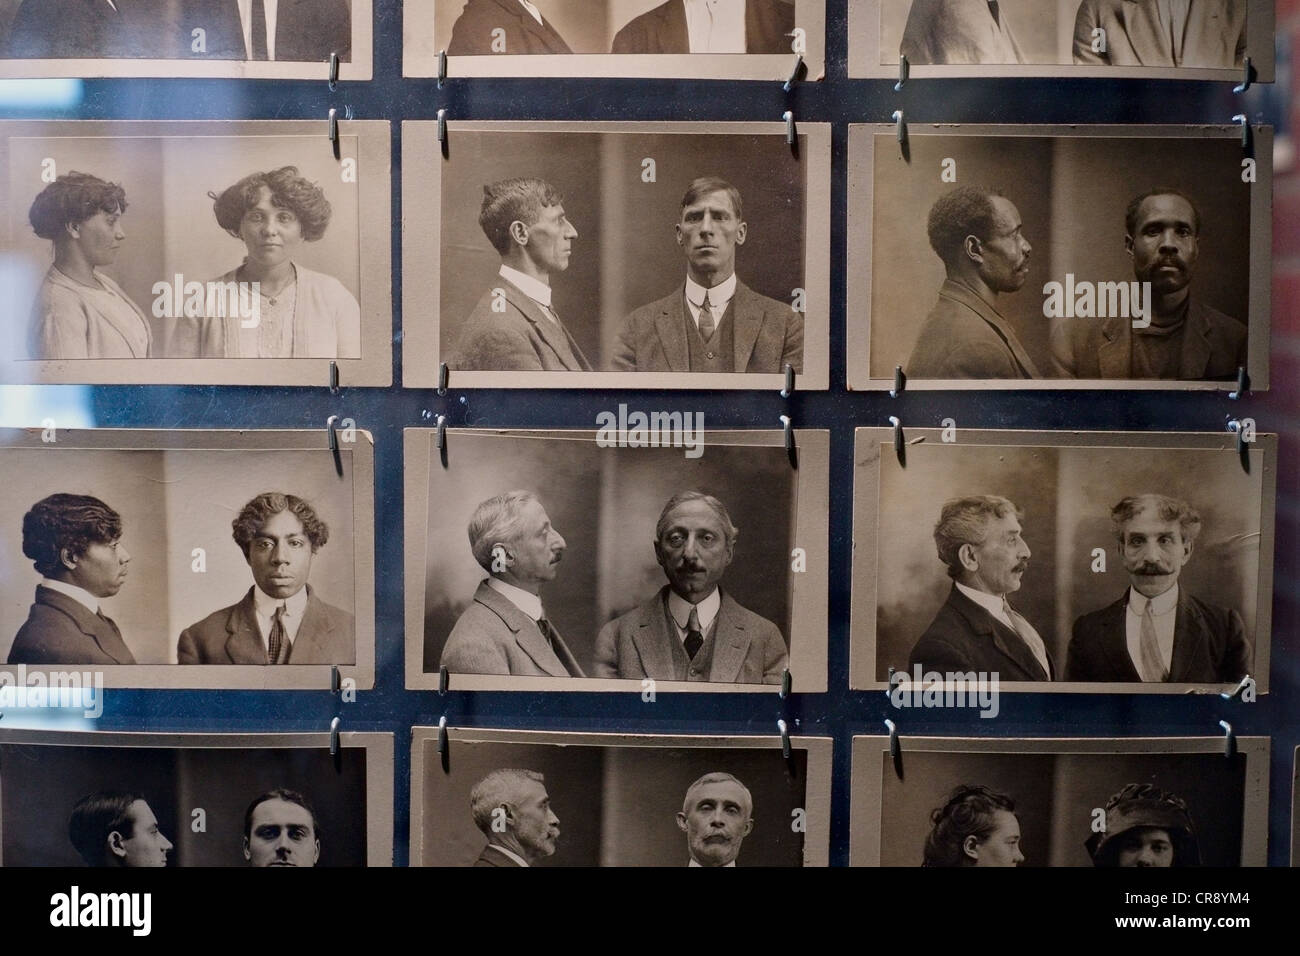 Old Bertillon system mugshots on display at New York City